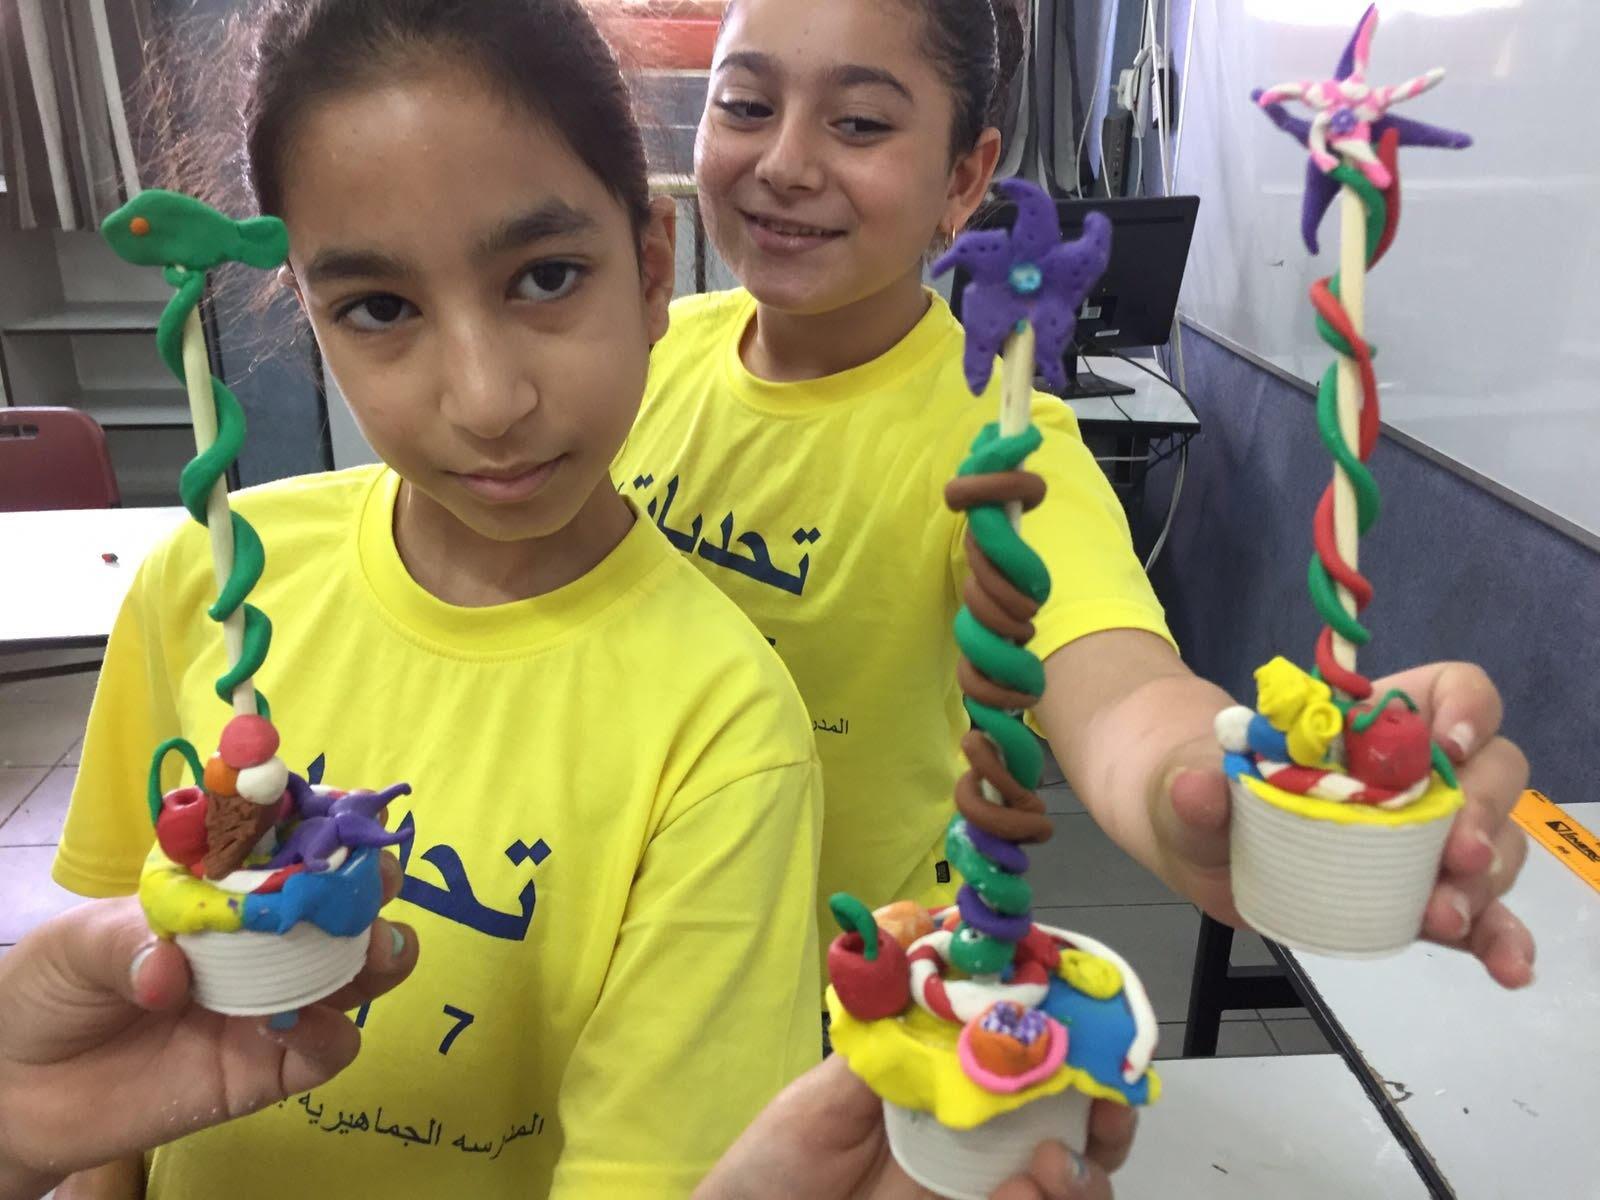 المدرسة الجماهيرية بير الامير تختم مخيمها الصيفيّ